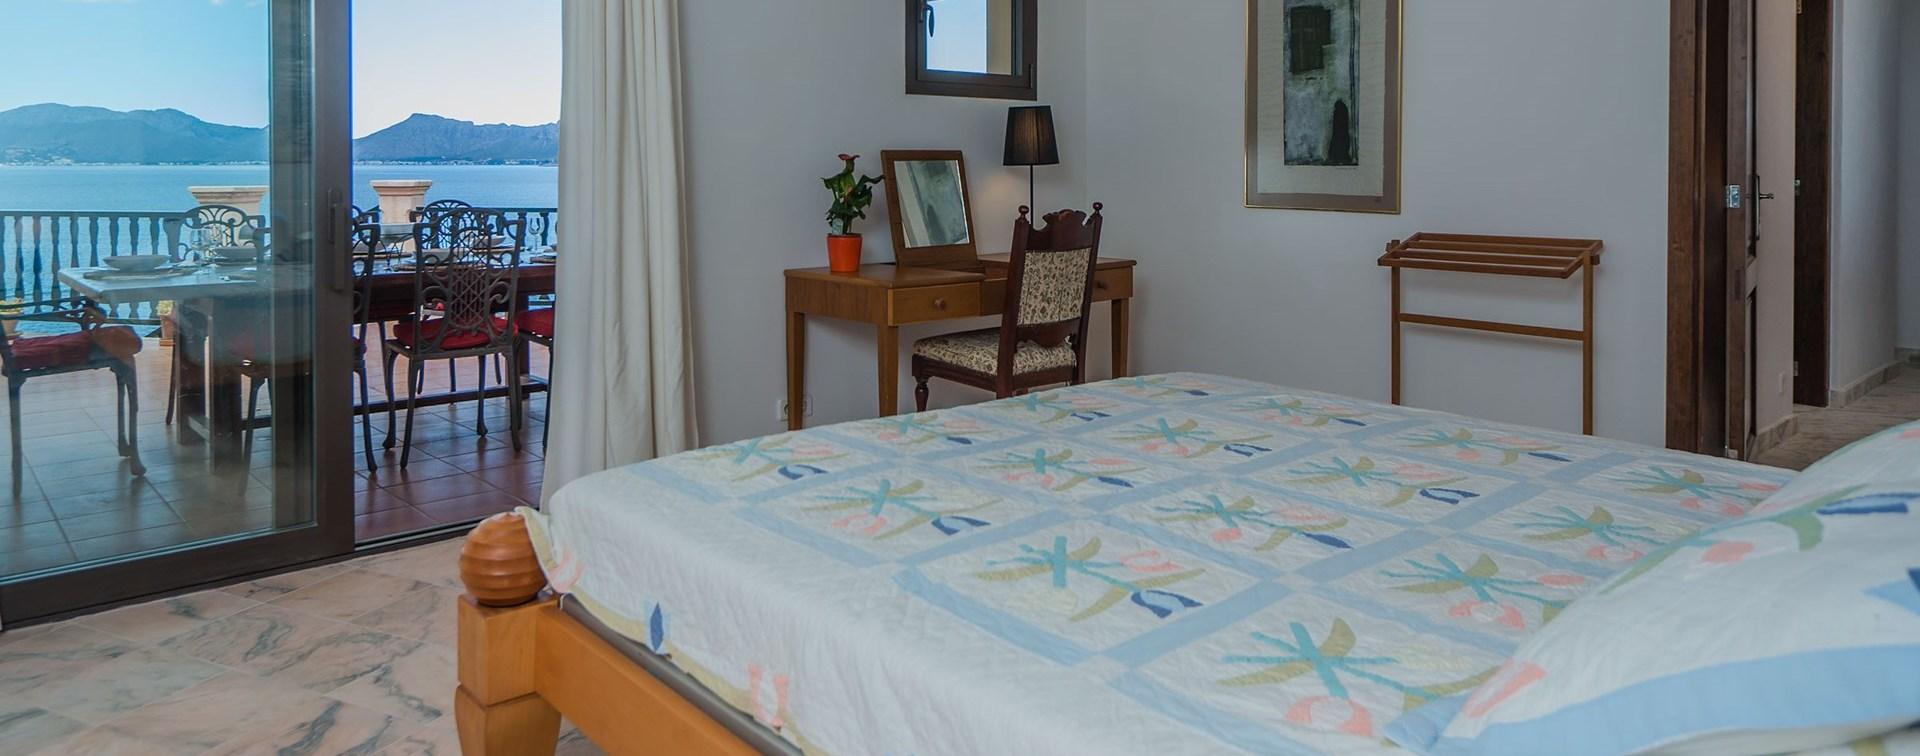 el-mirador-double-bedroom-1